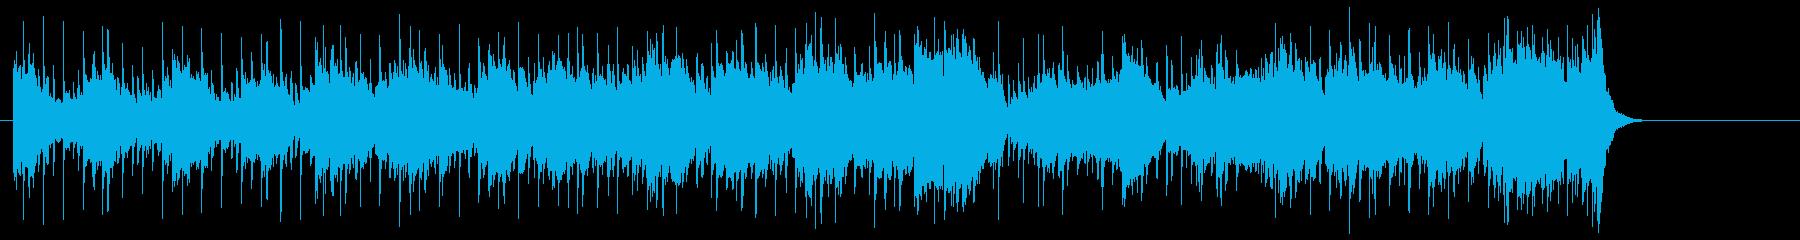 ロックなノリで引っ張るポップフュージョンの再生済みの波形